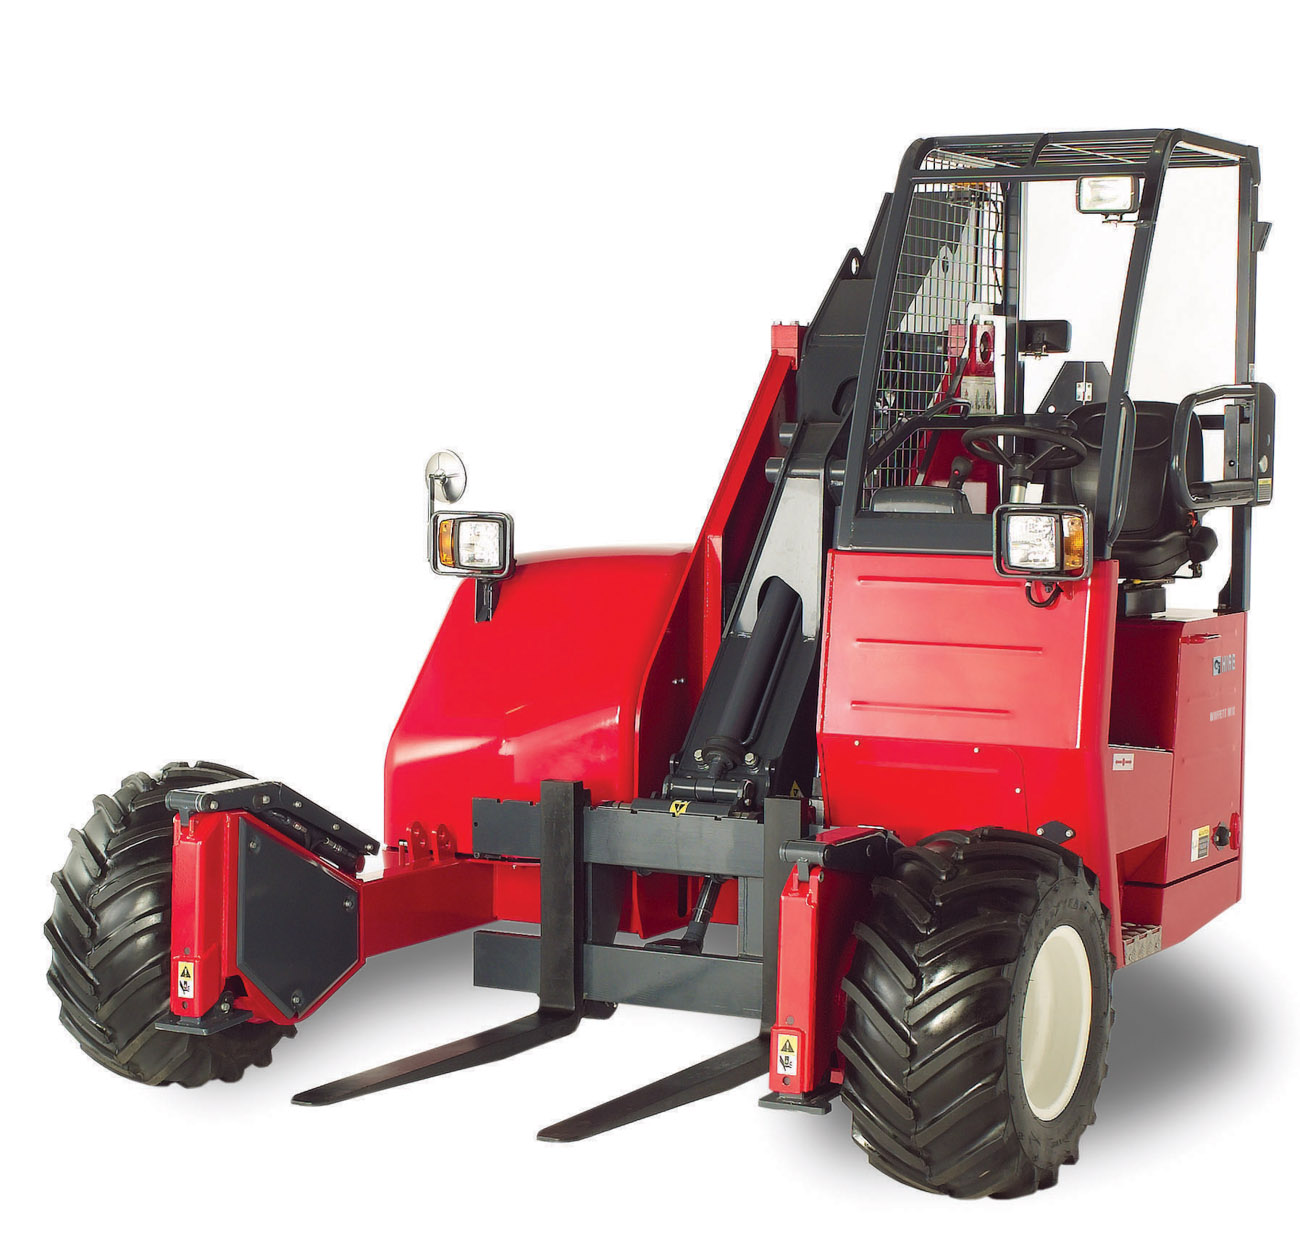 Boonstoppel Truckservice - Moffett Meeneemheftrucks